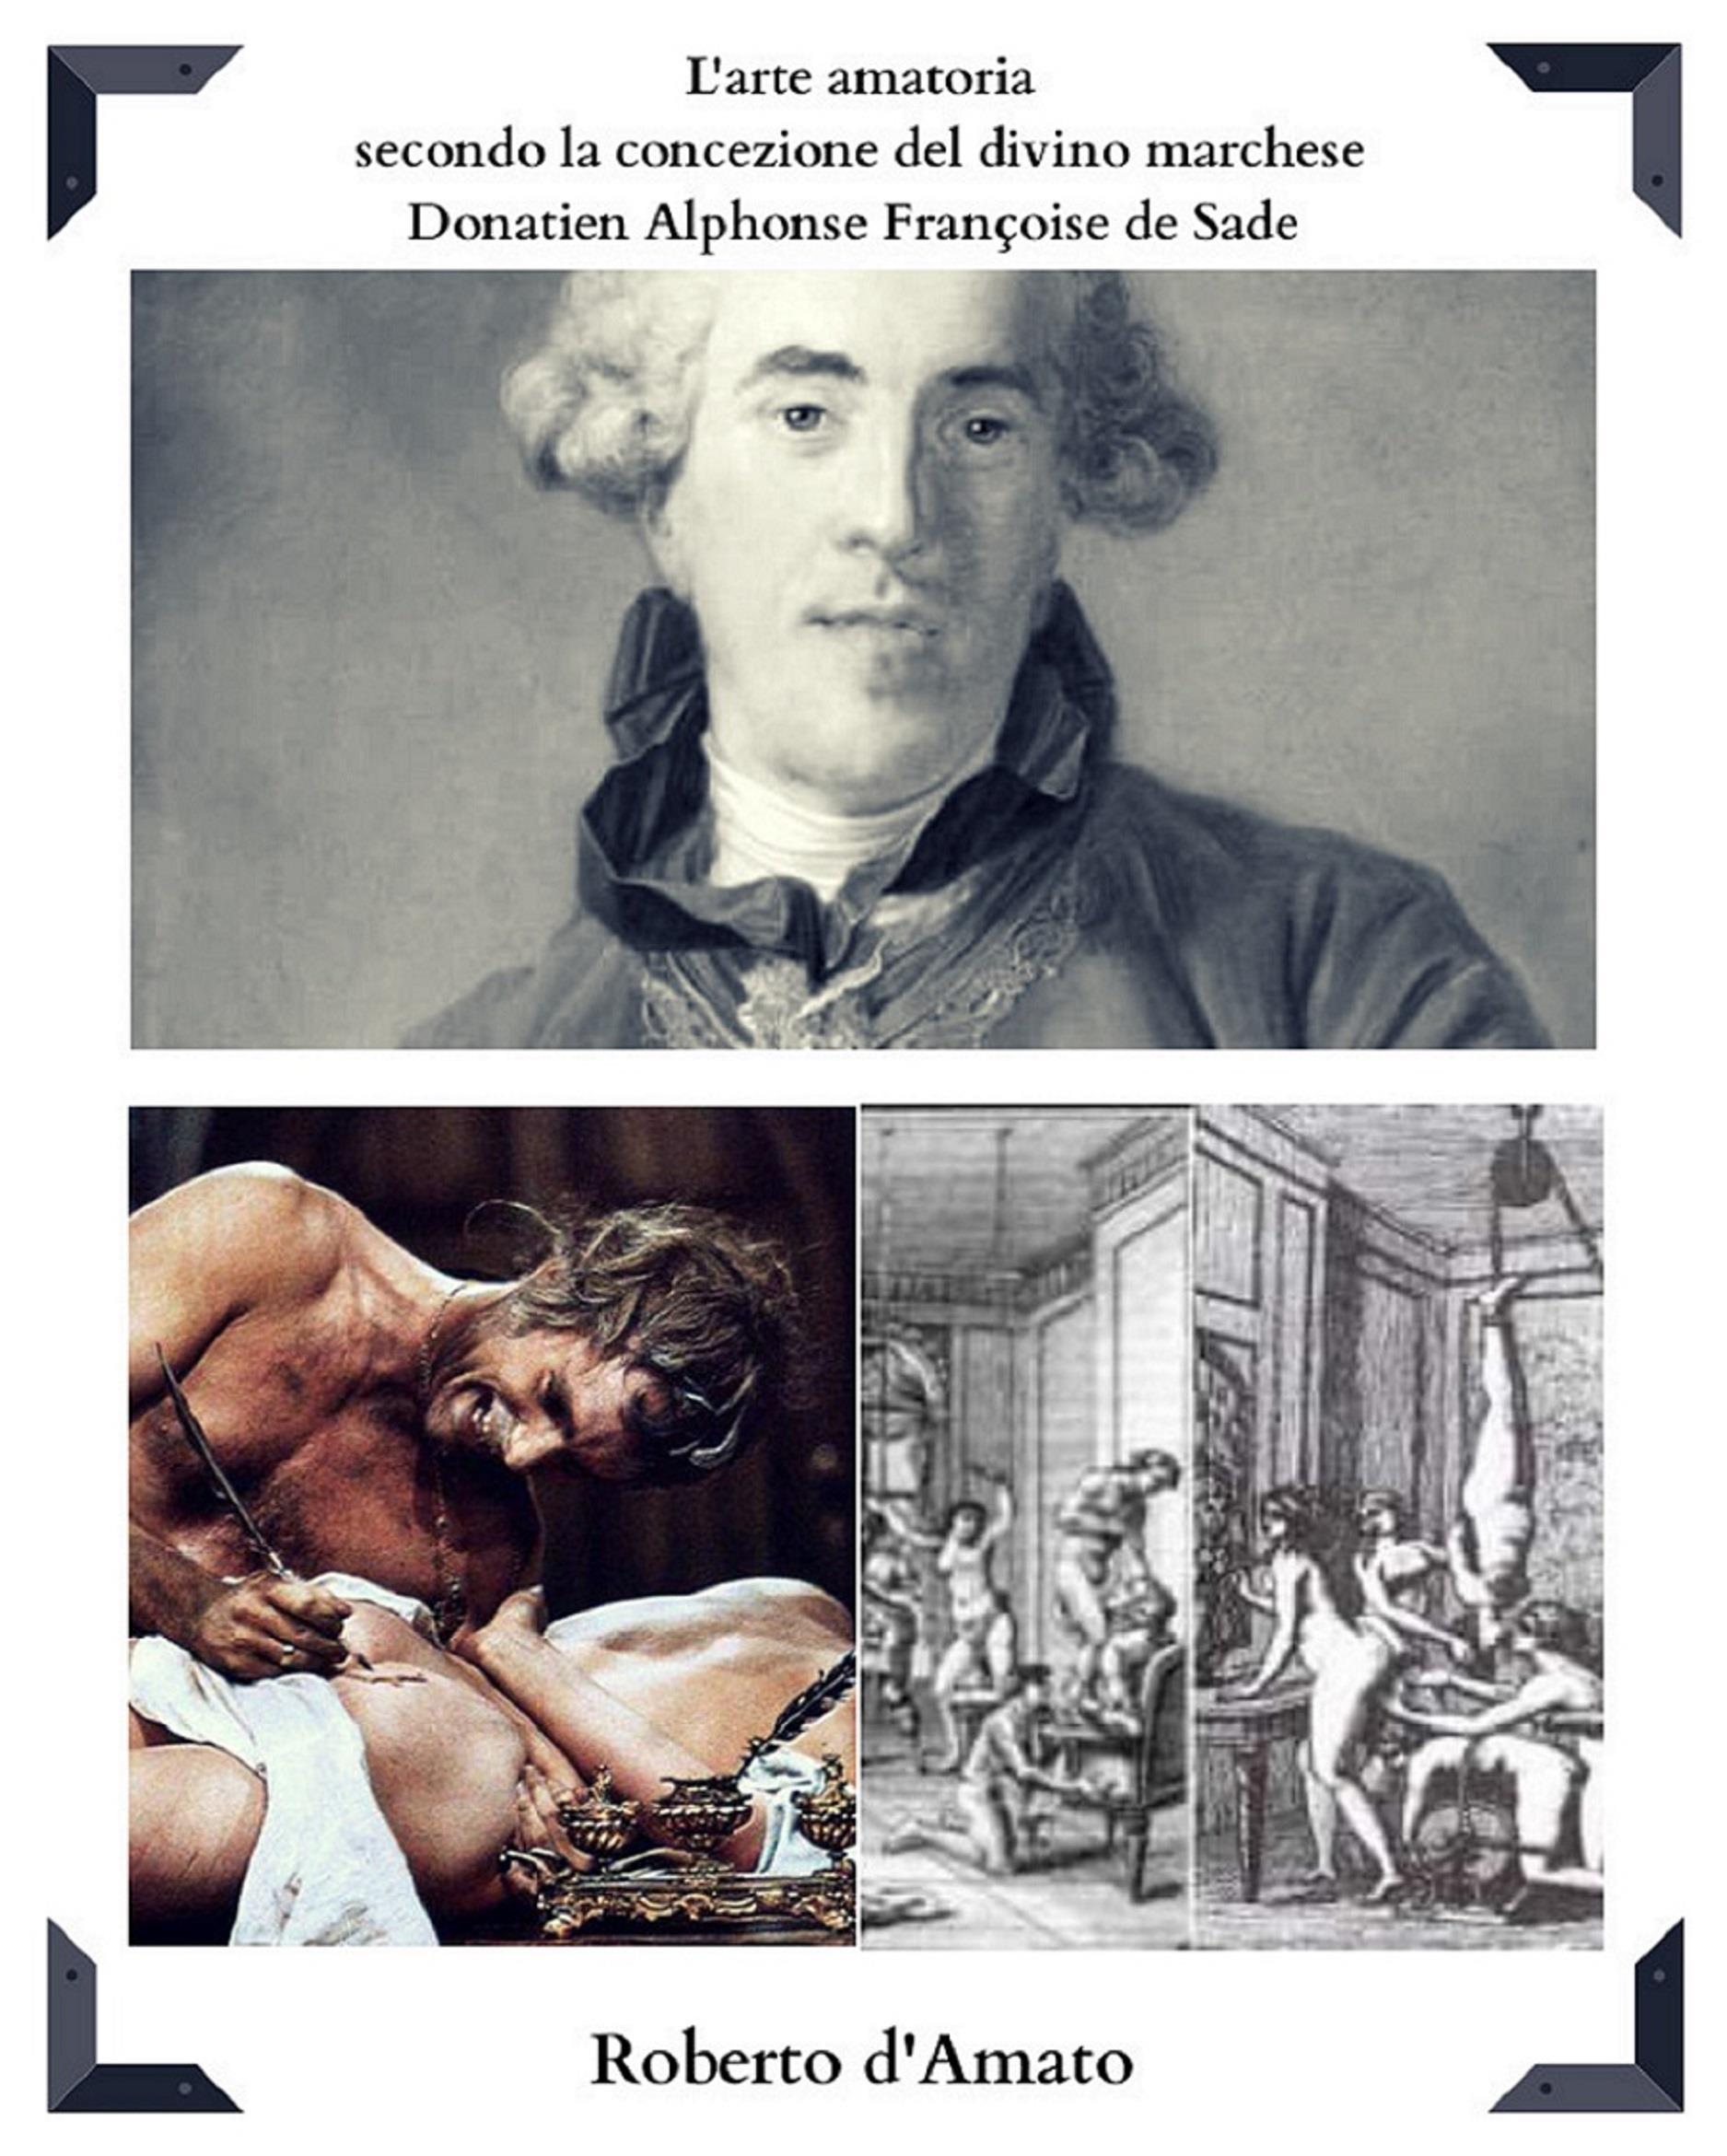 L'arte amatoria secondo la concezione del divino marchese Donatien Alphonse Françoise de Sade